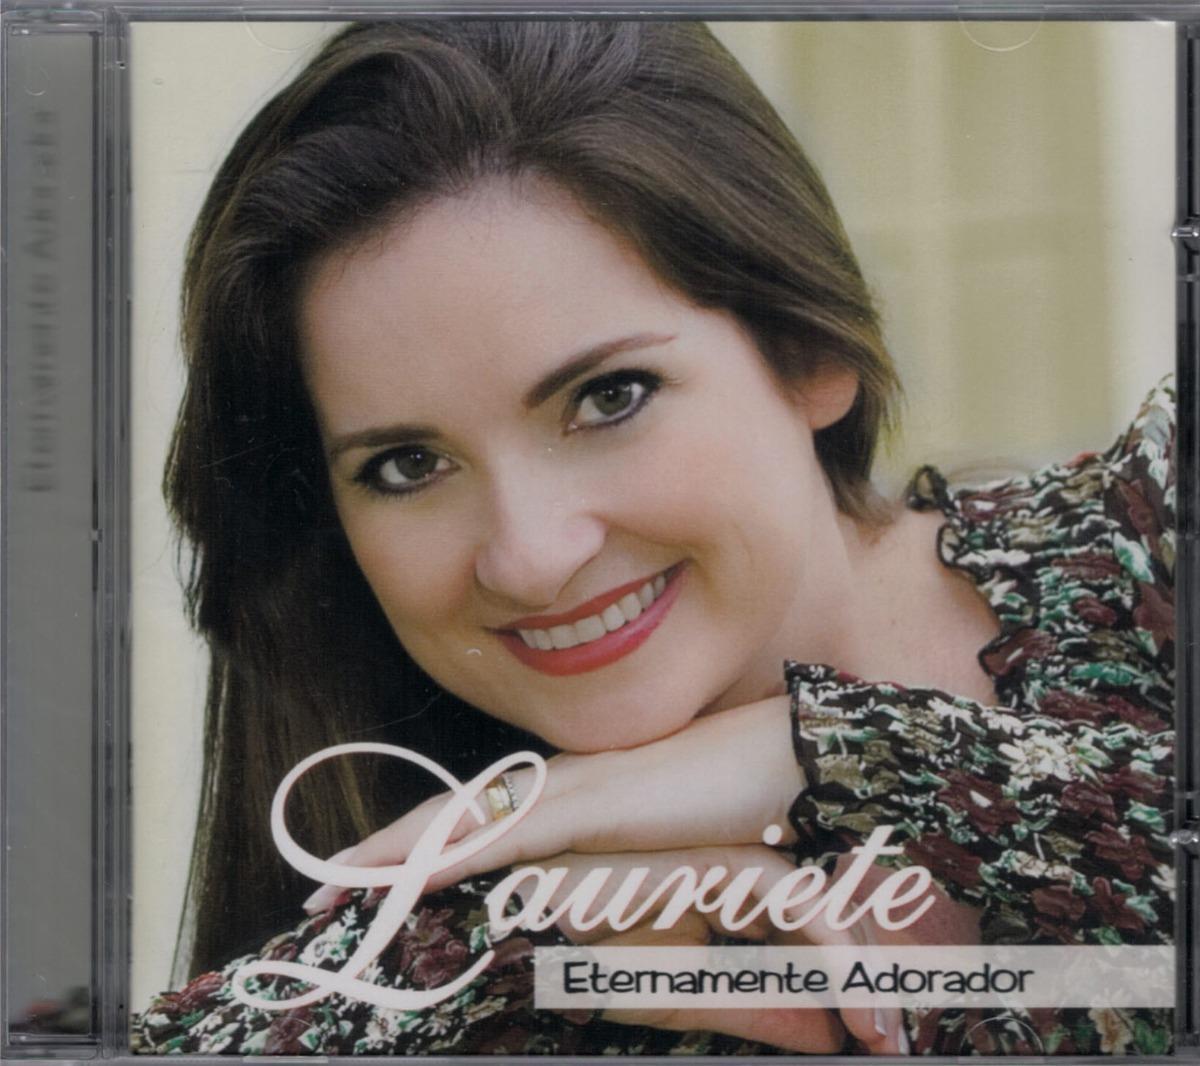 gratis o novo cd de lauriete eternamente adorador